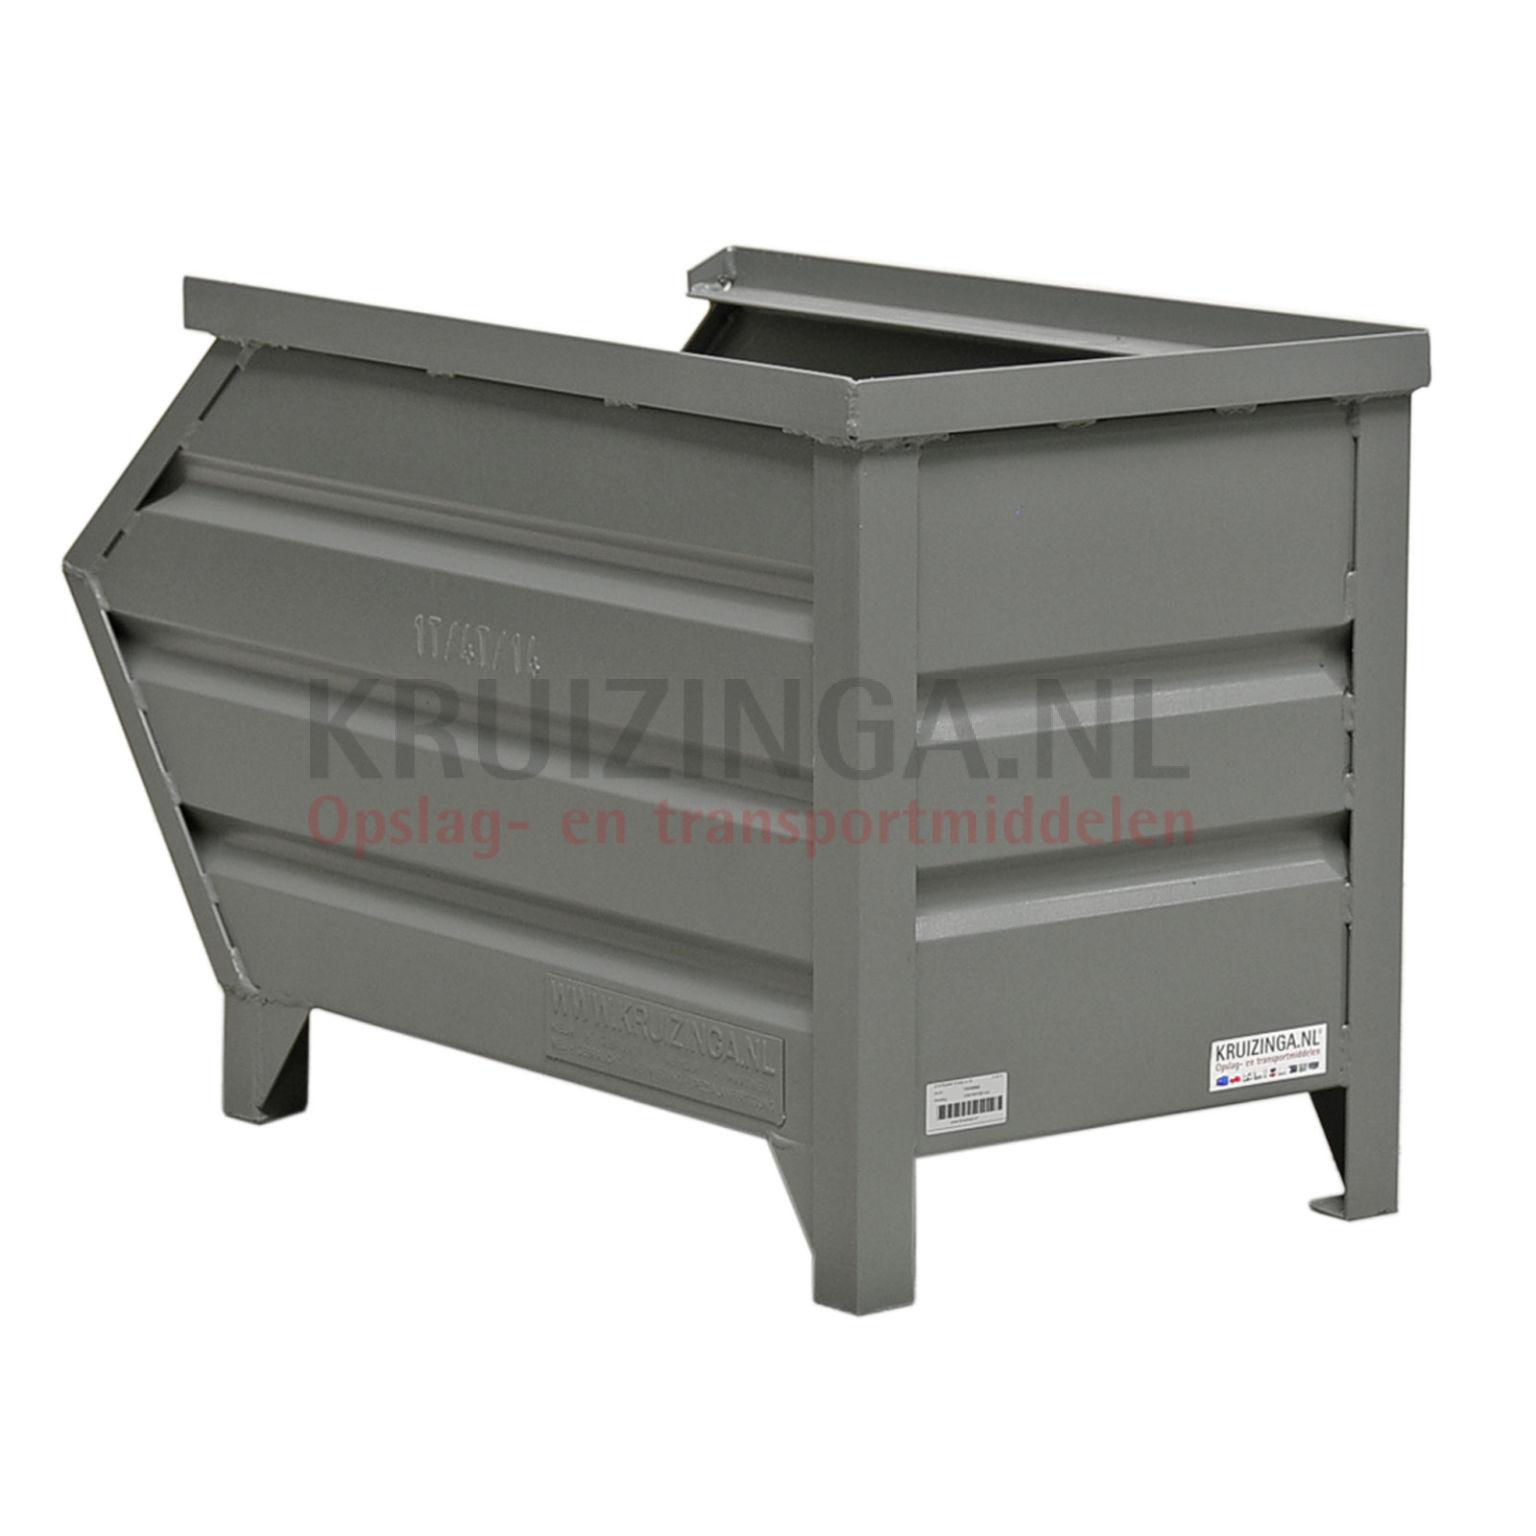 bac de rangement acier construction robuste bac empilable avec poign es partir de 158. Black Bedroom Furniture Sets. Home Design Ideas